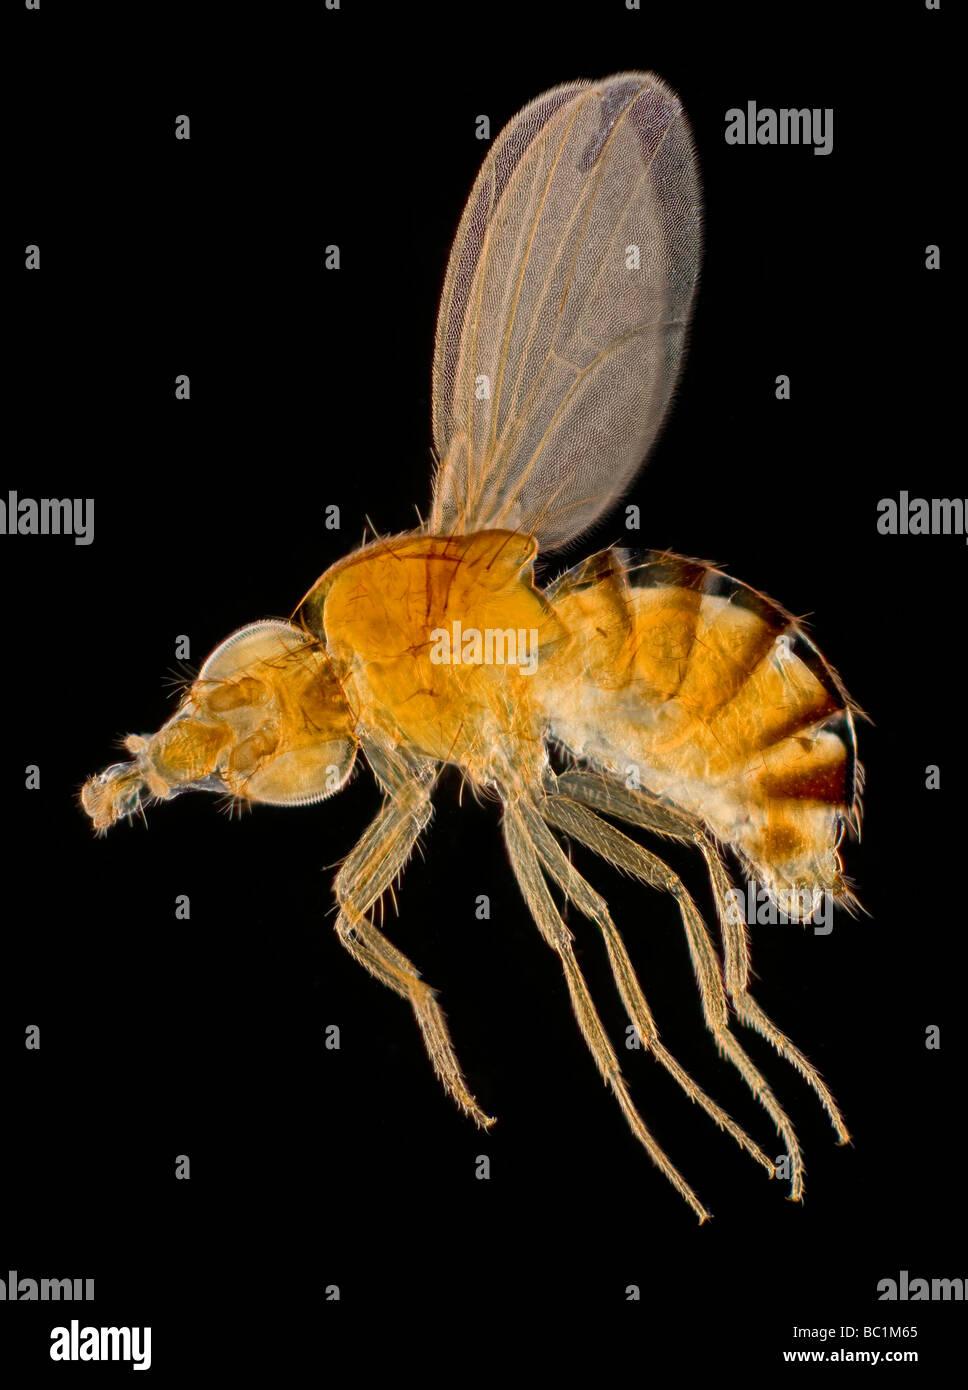 Los ojos blancos en Drosophila mosca del vinagre o mosca de la fruta, darkfield microfotografía Imagen De Stock